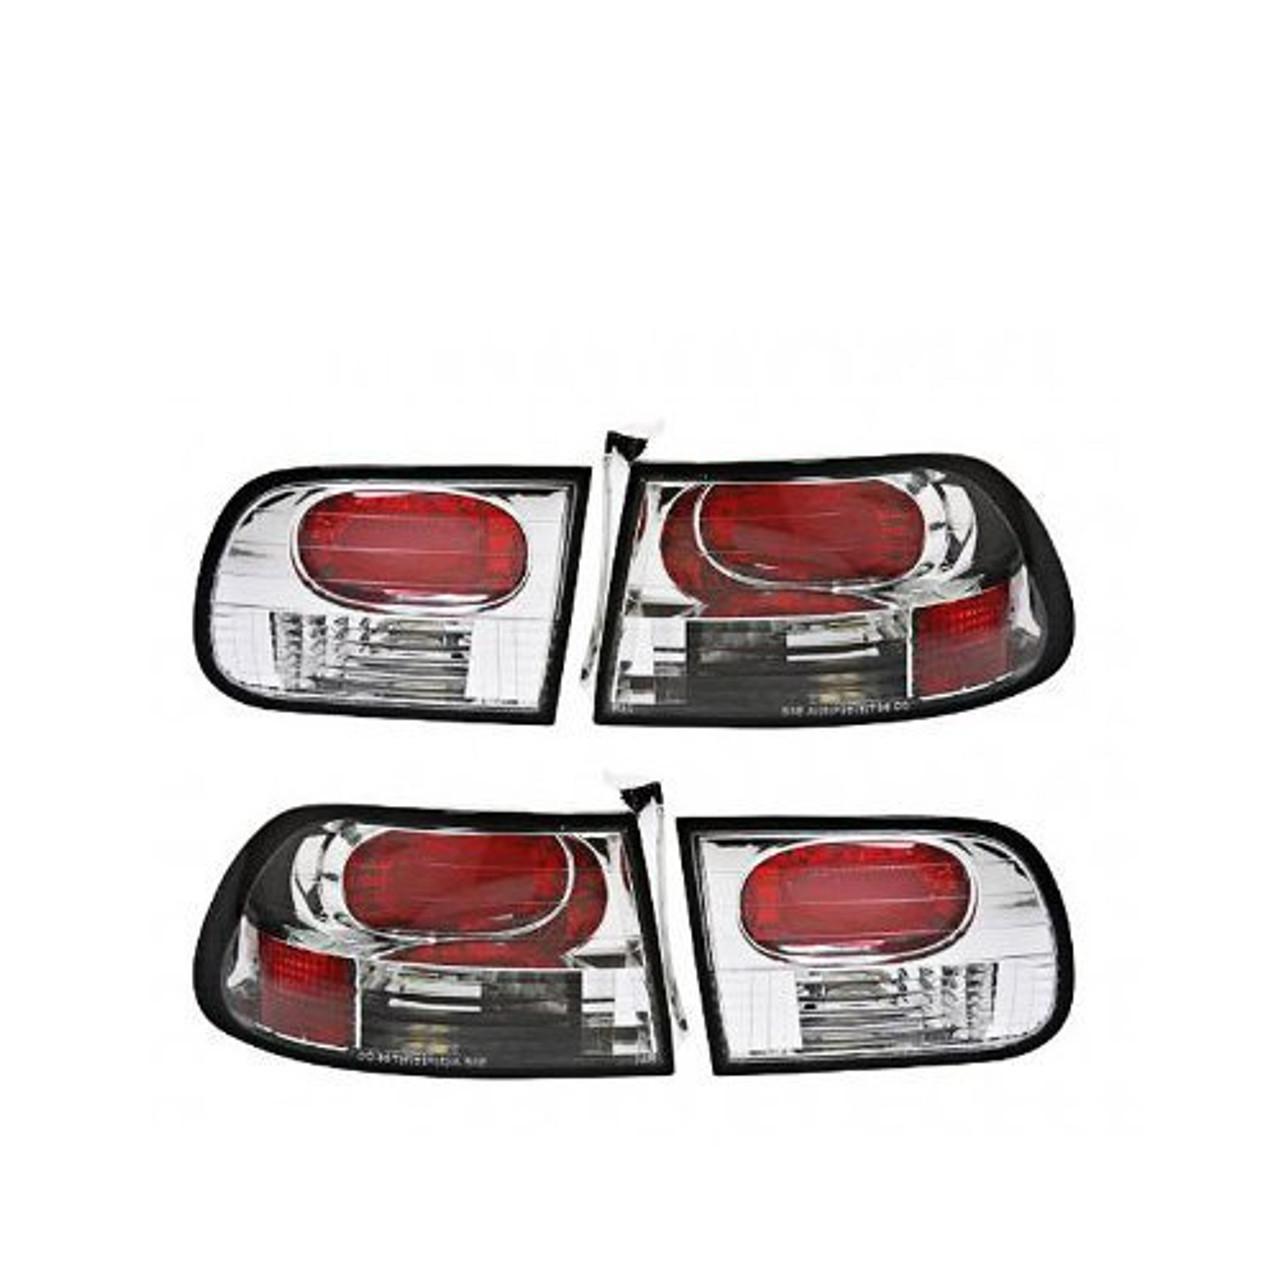 APC404151TLR, APC,Honda Civic 92-95 3-Door Euro Tail Lens